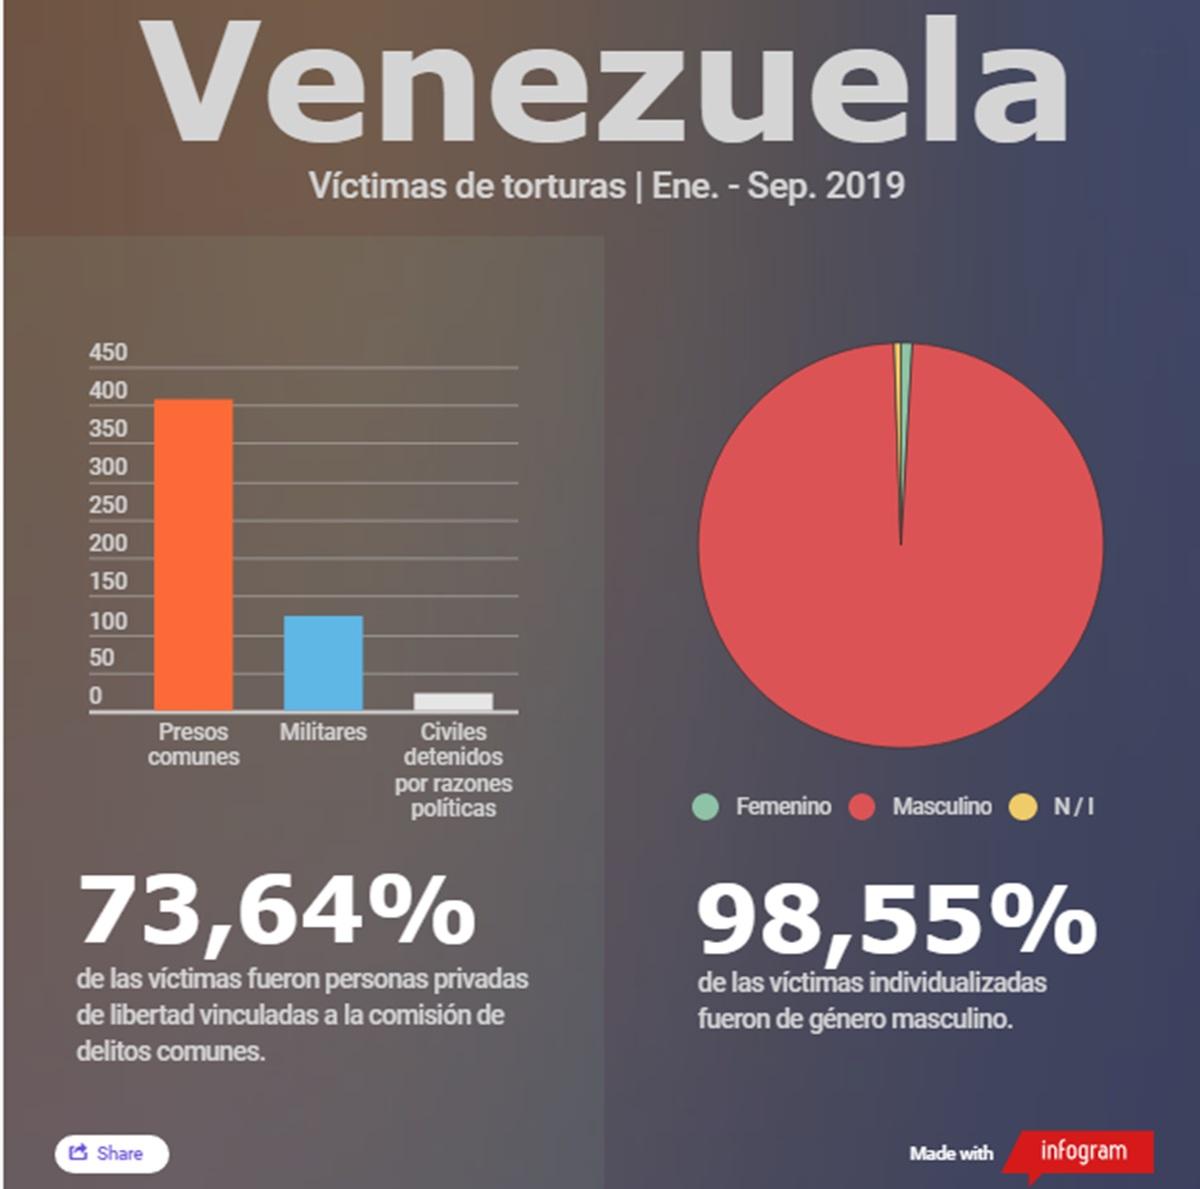 Víctimas de torturas en Venezuela